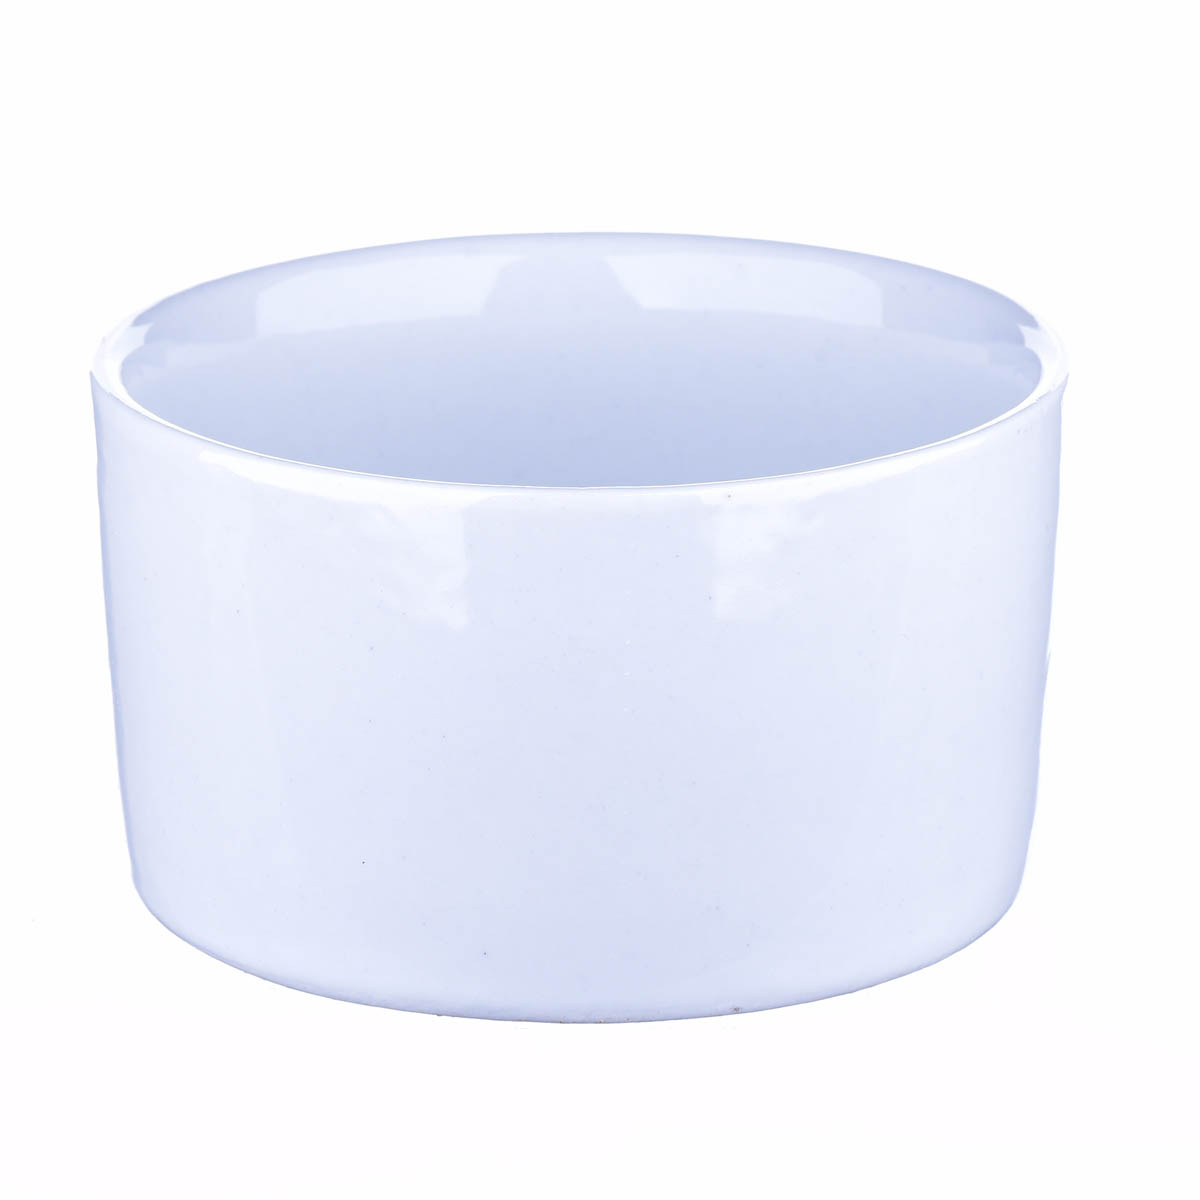 Comedouro Porcelana Nº 5